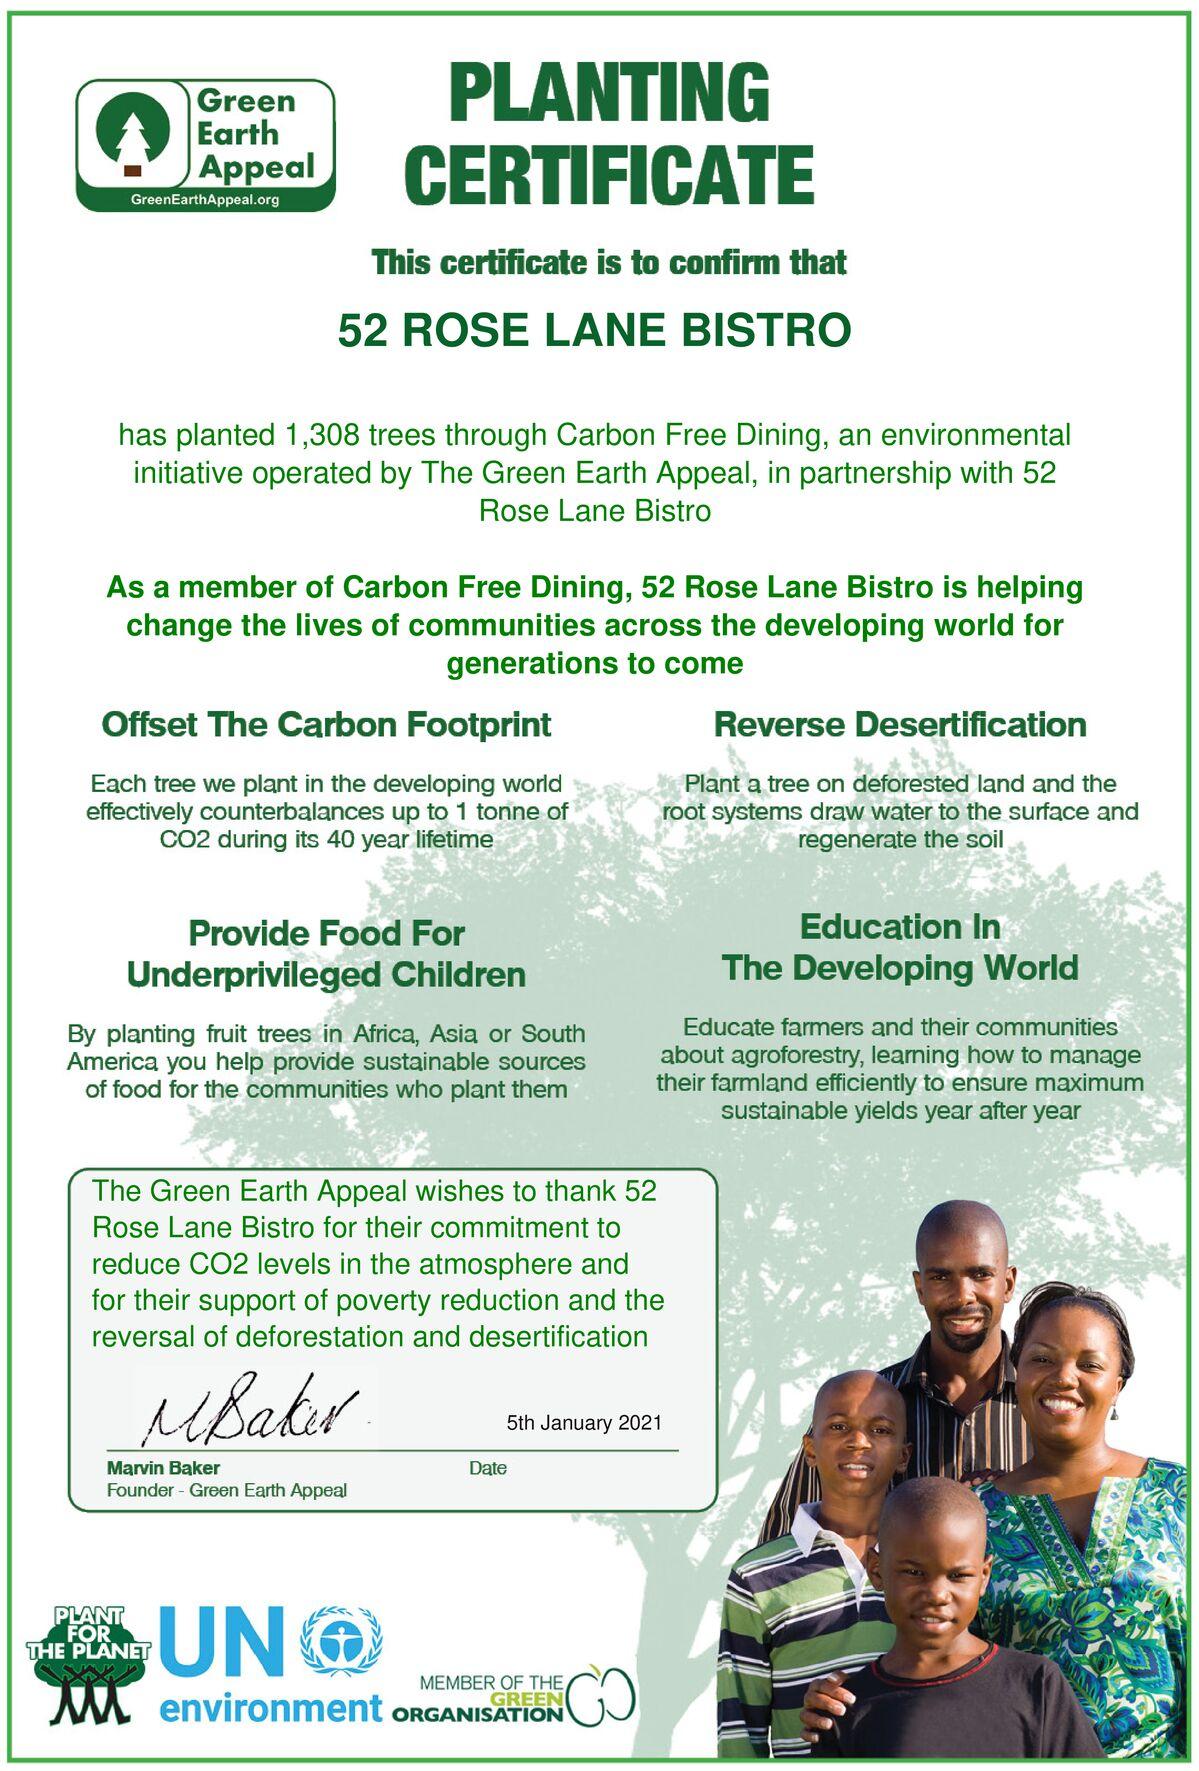 52 Rose Lane Bistro